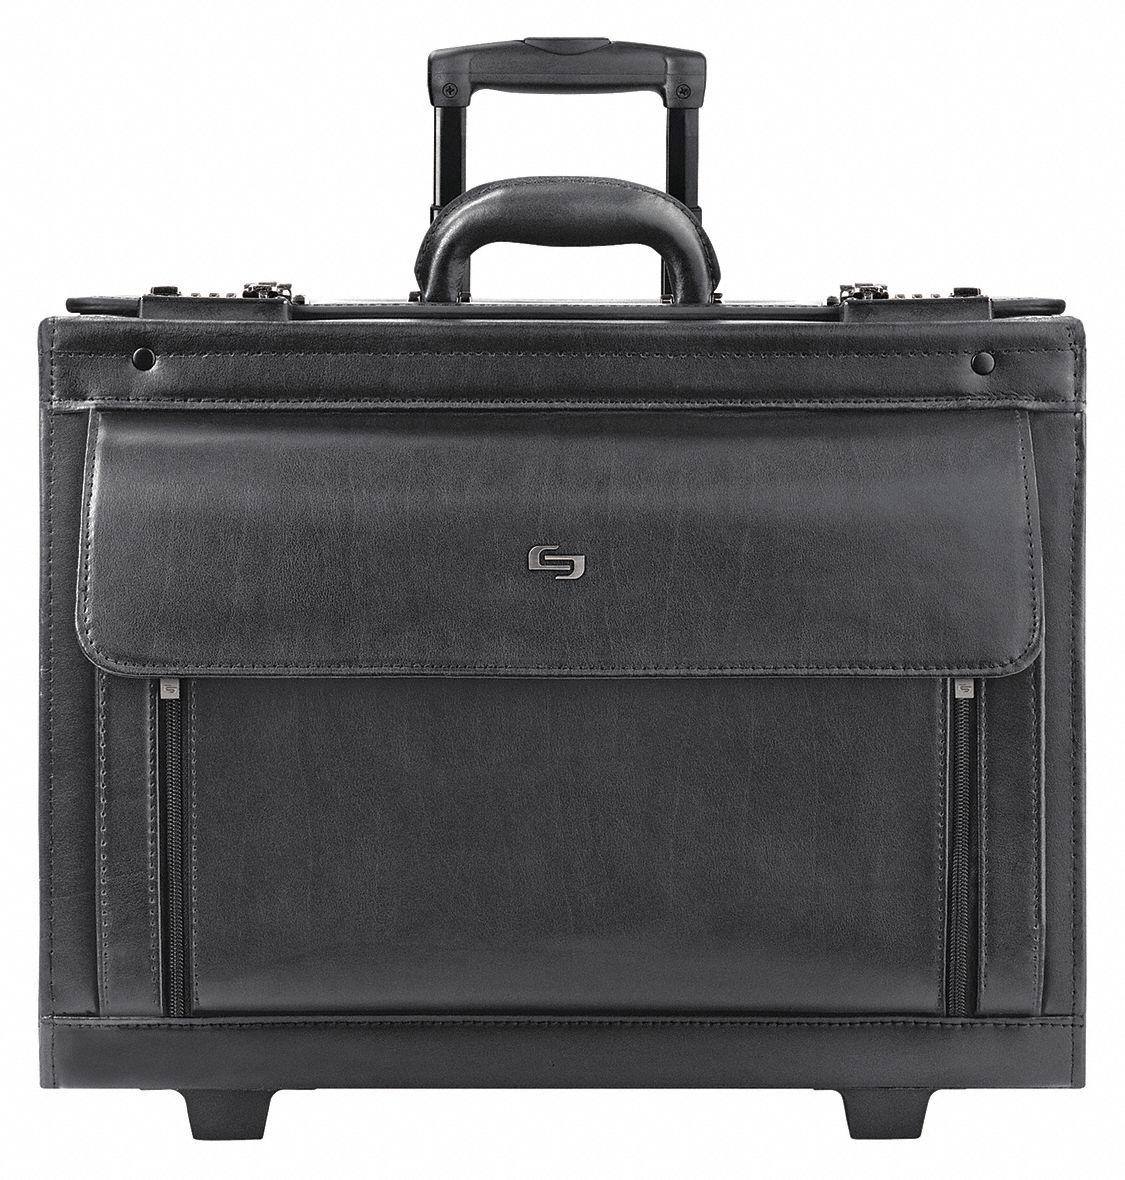 Solo Roller Laptop Case (Black, Leather). Model: USLD9784